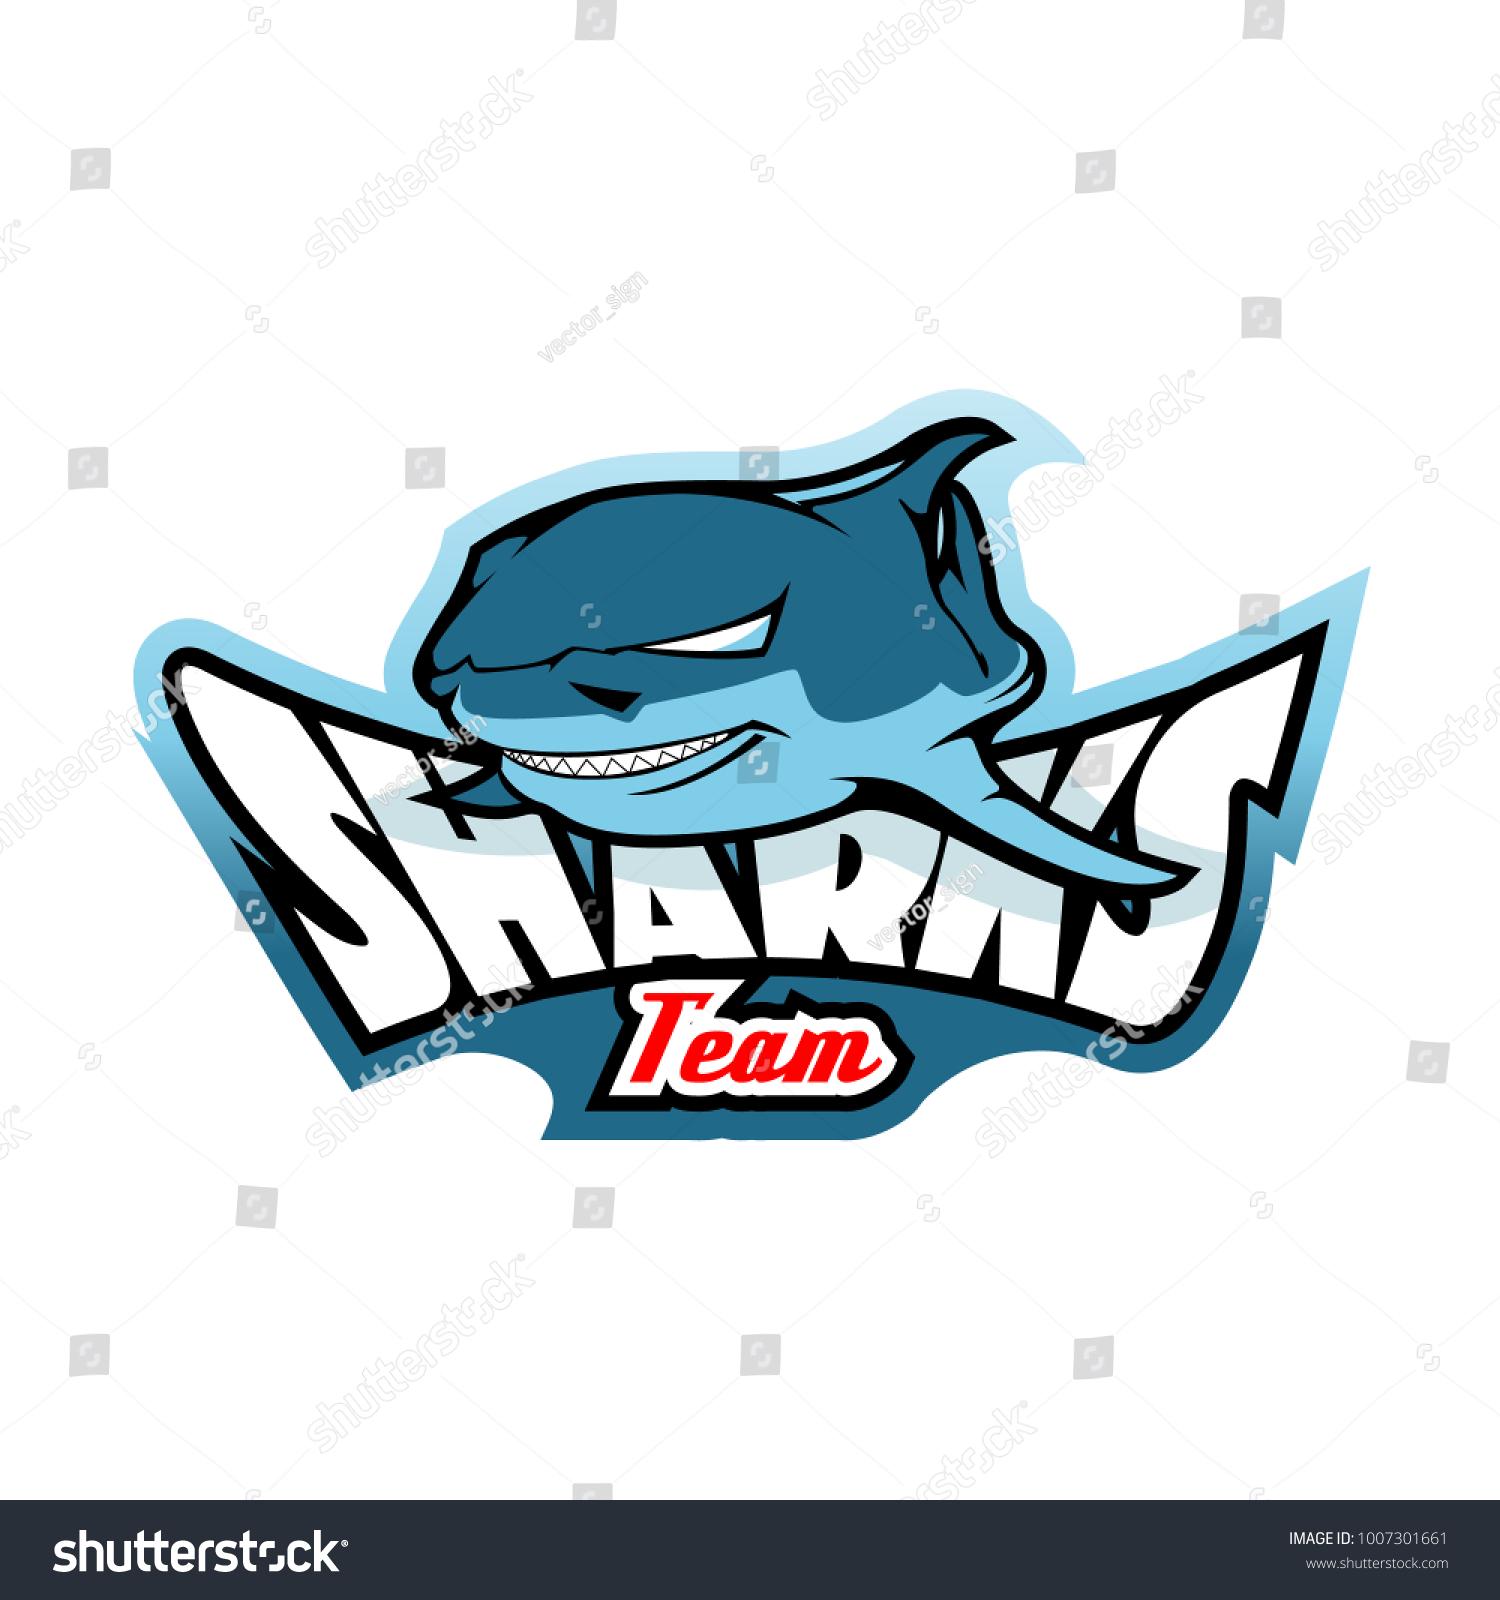 shark logo template のベクター画像素材 ロイヤリティフリー